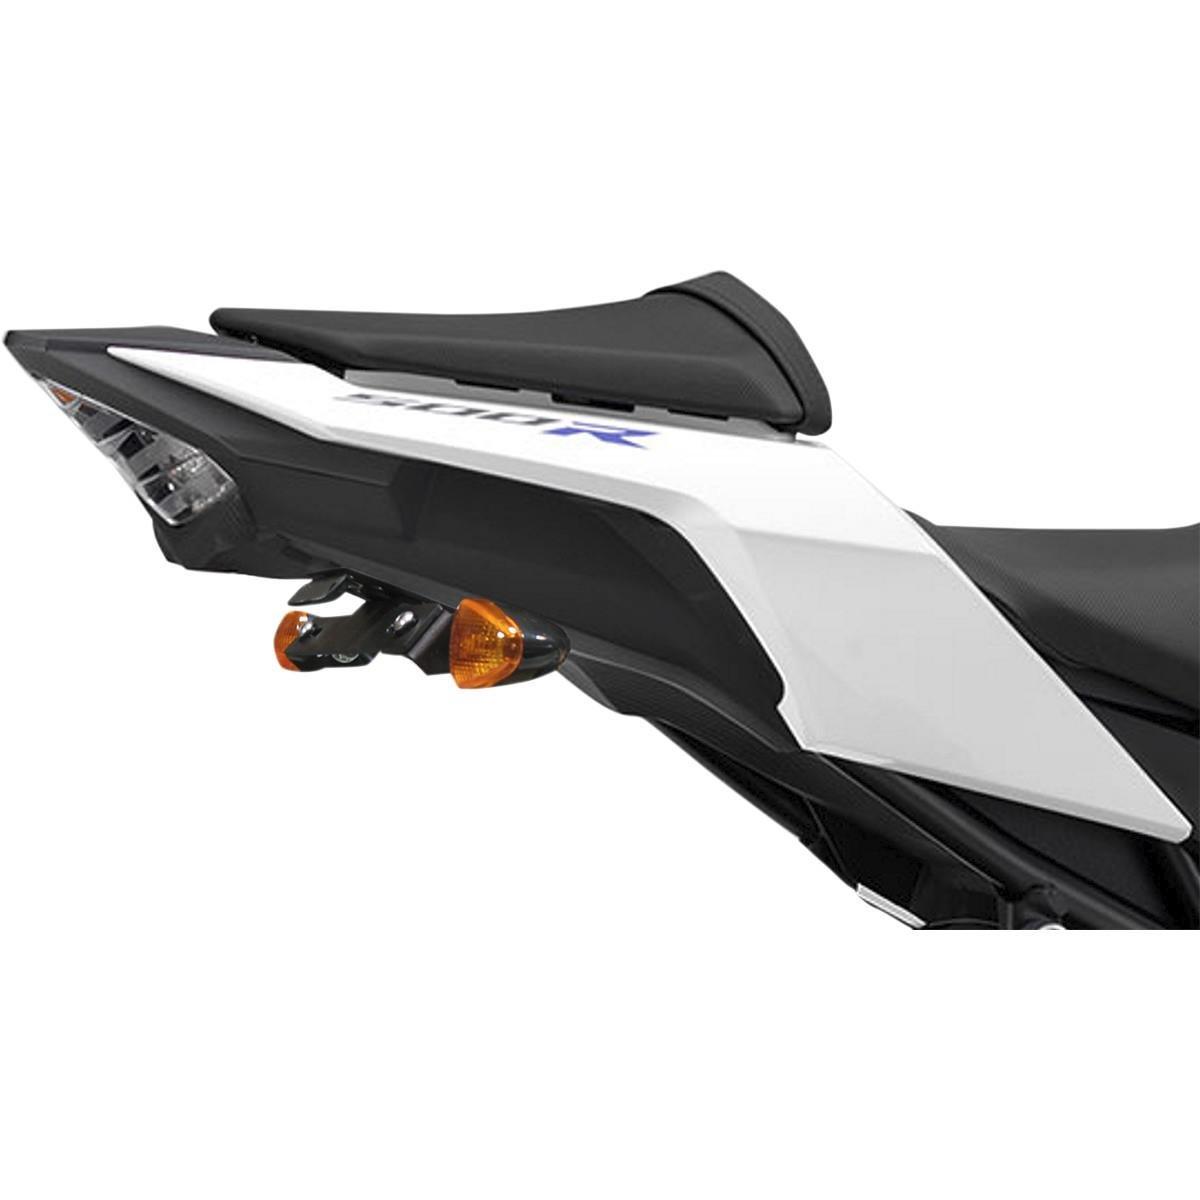 Targa Tail Kit - Black/Clear 22174L